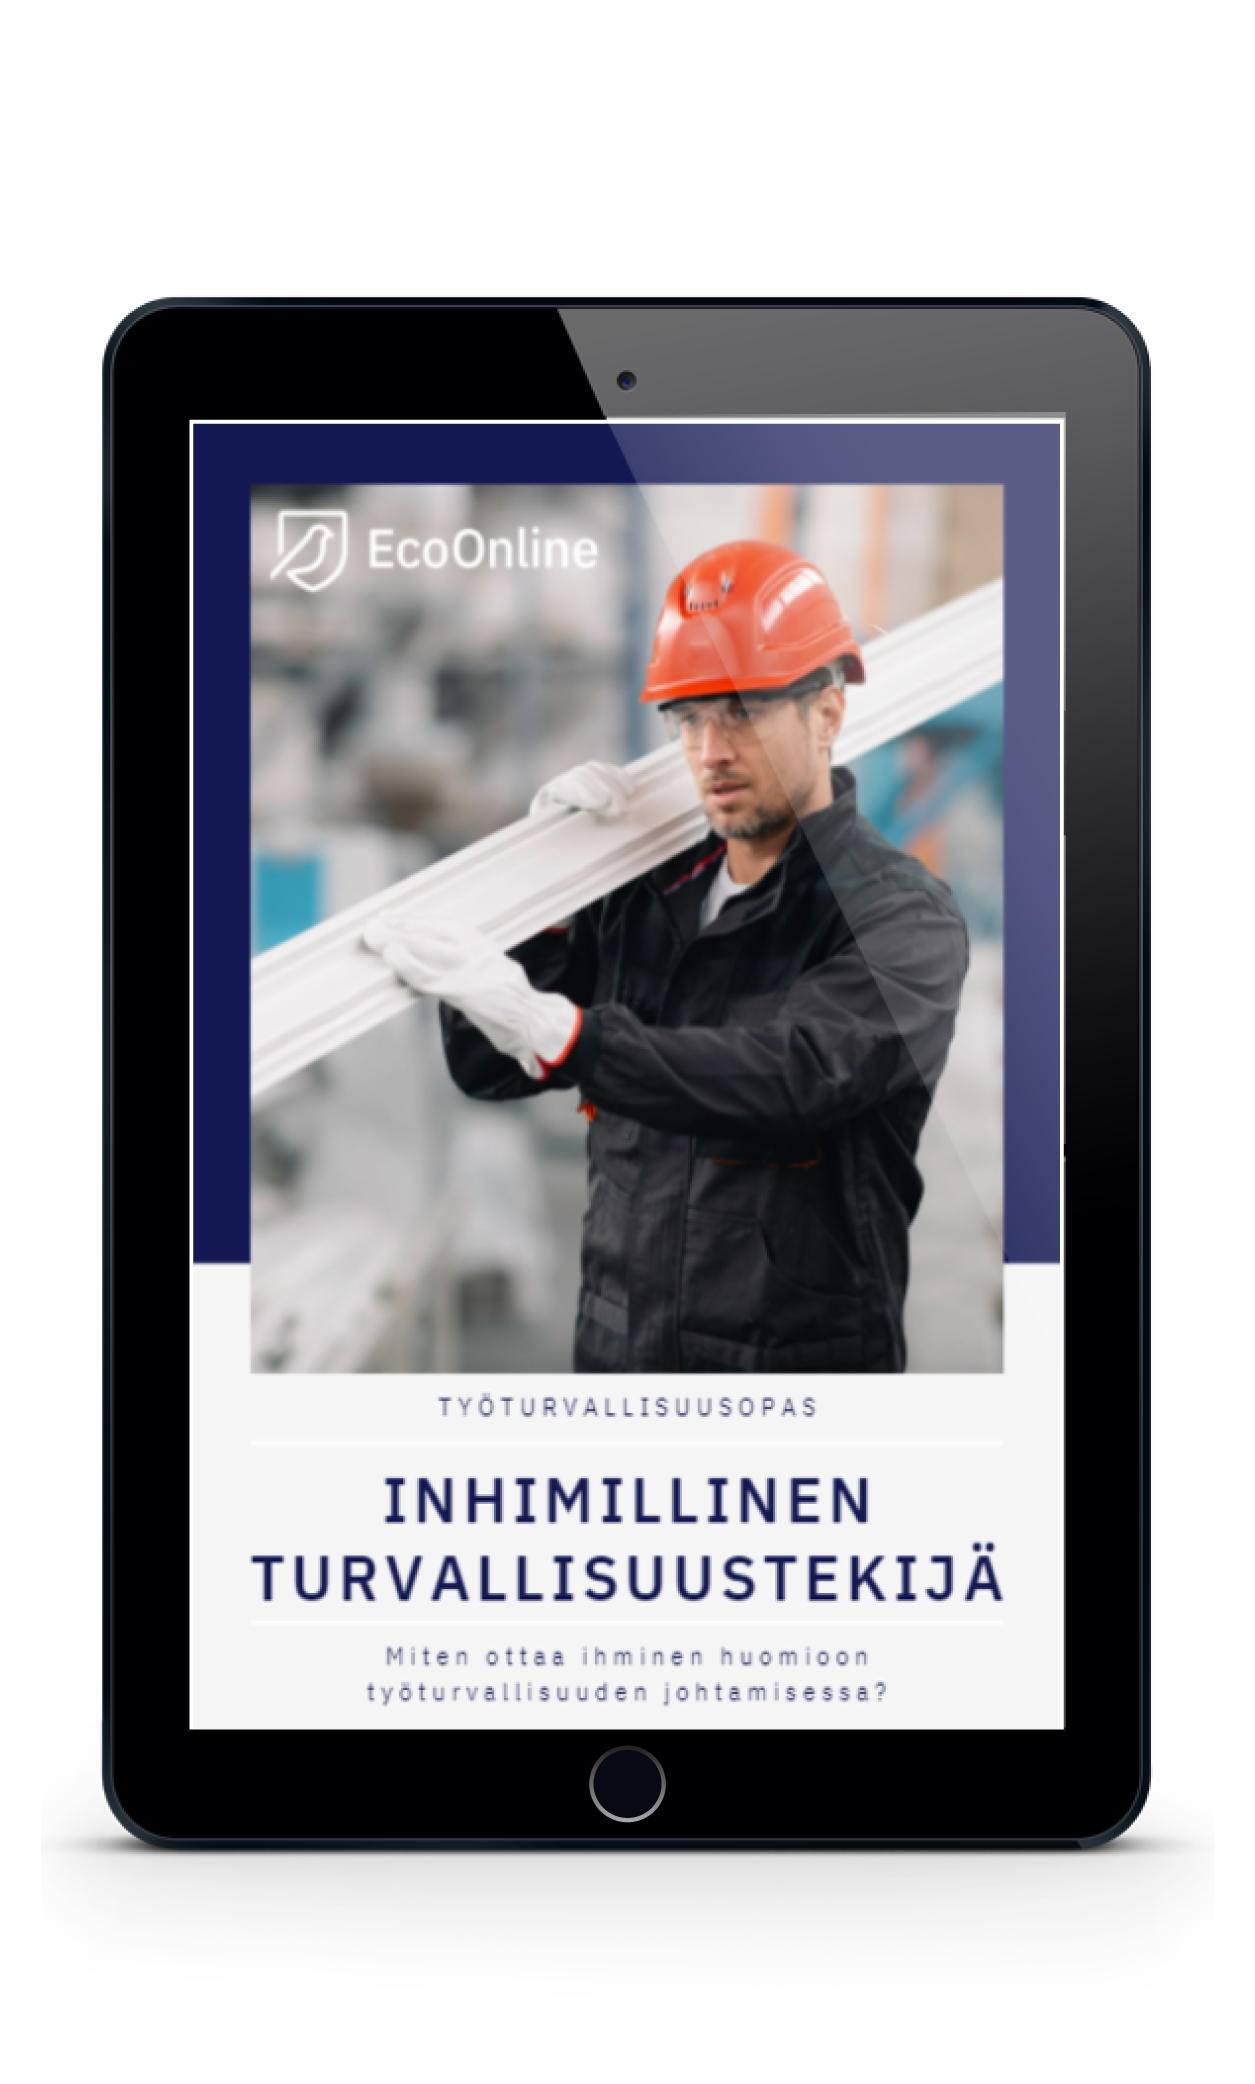 FI_Book Covers_Inhimillnen